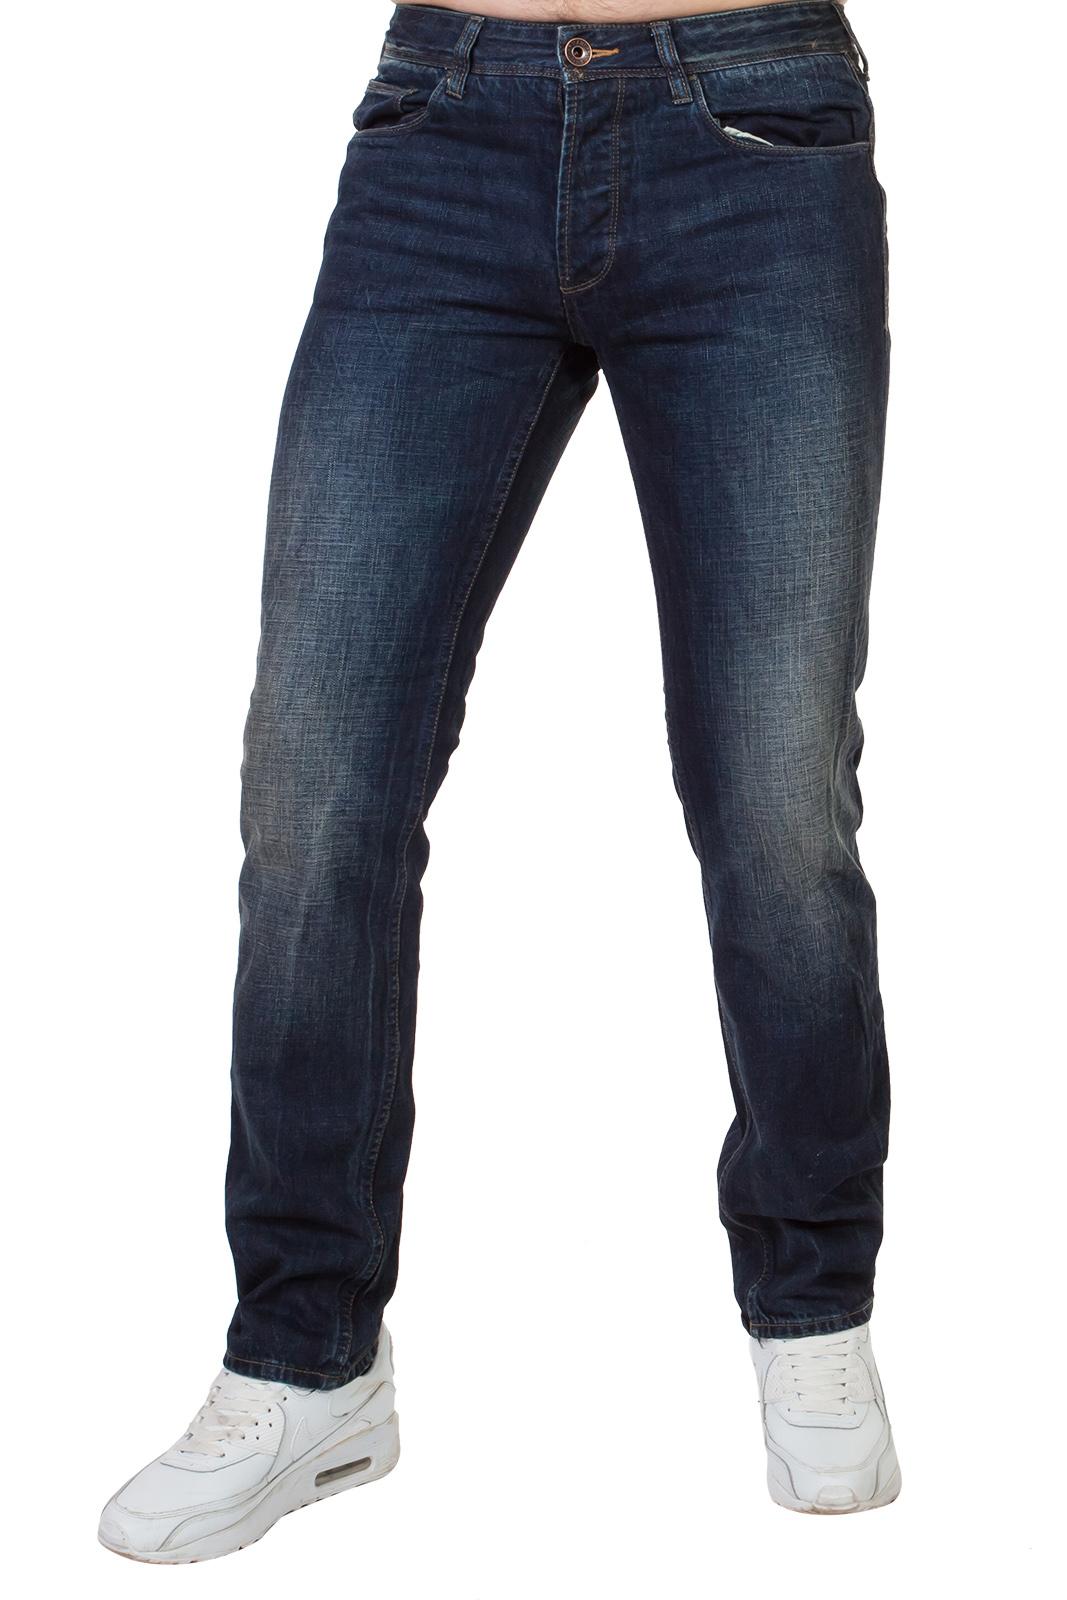 Хотите дешево купить мужские джинсы Армани? Заходите в Военпро!